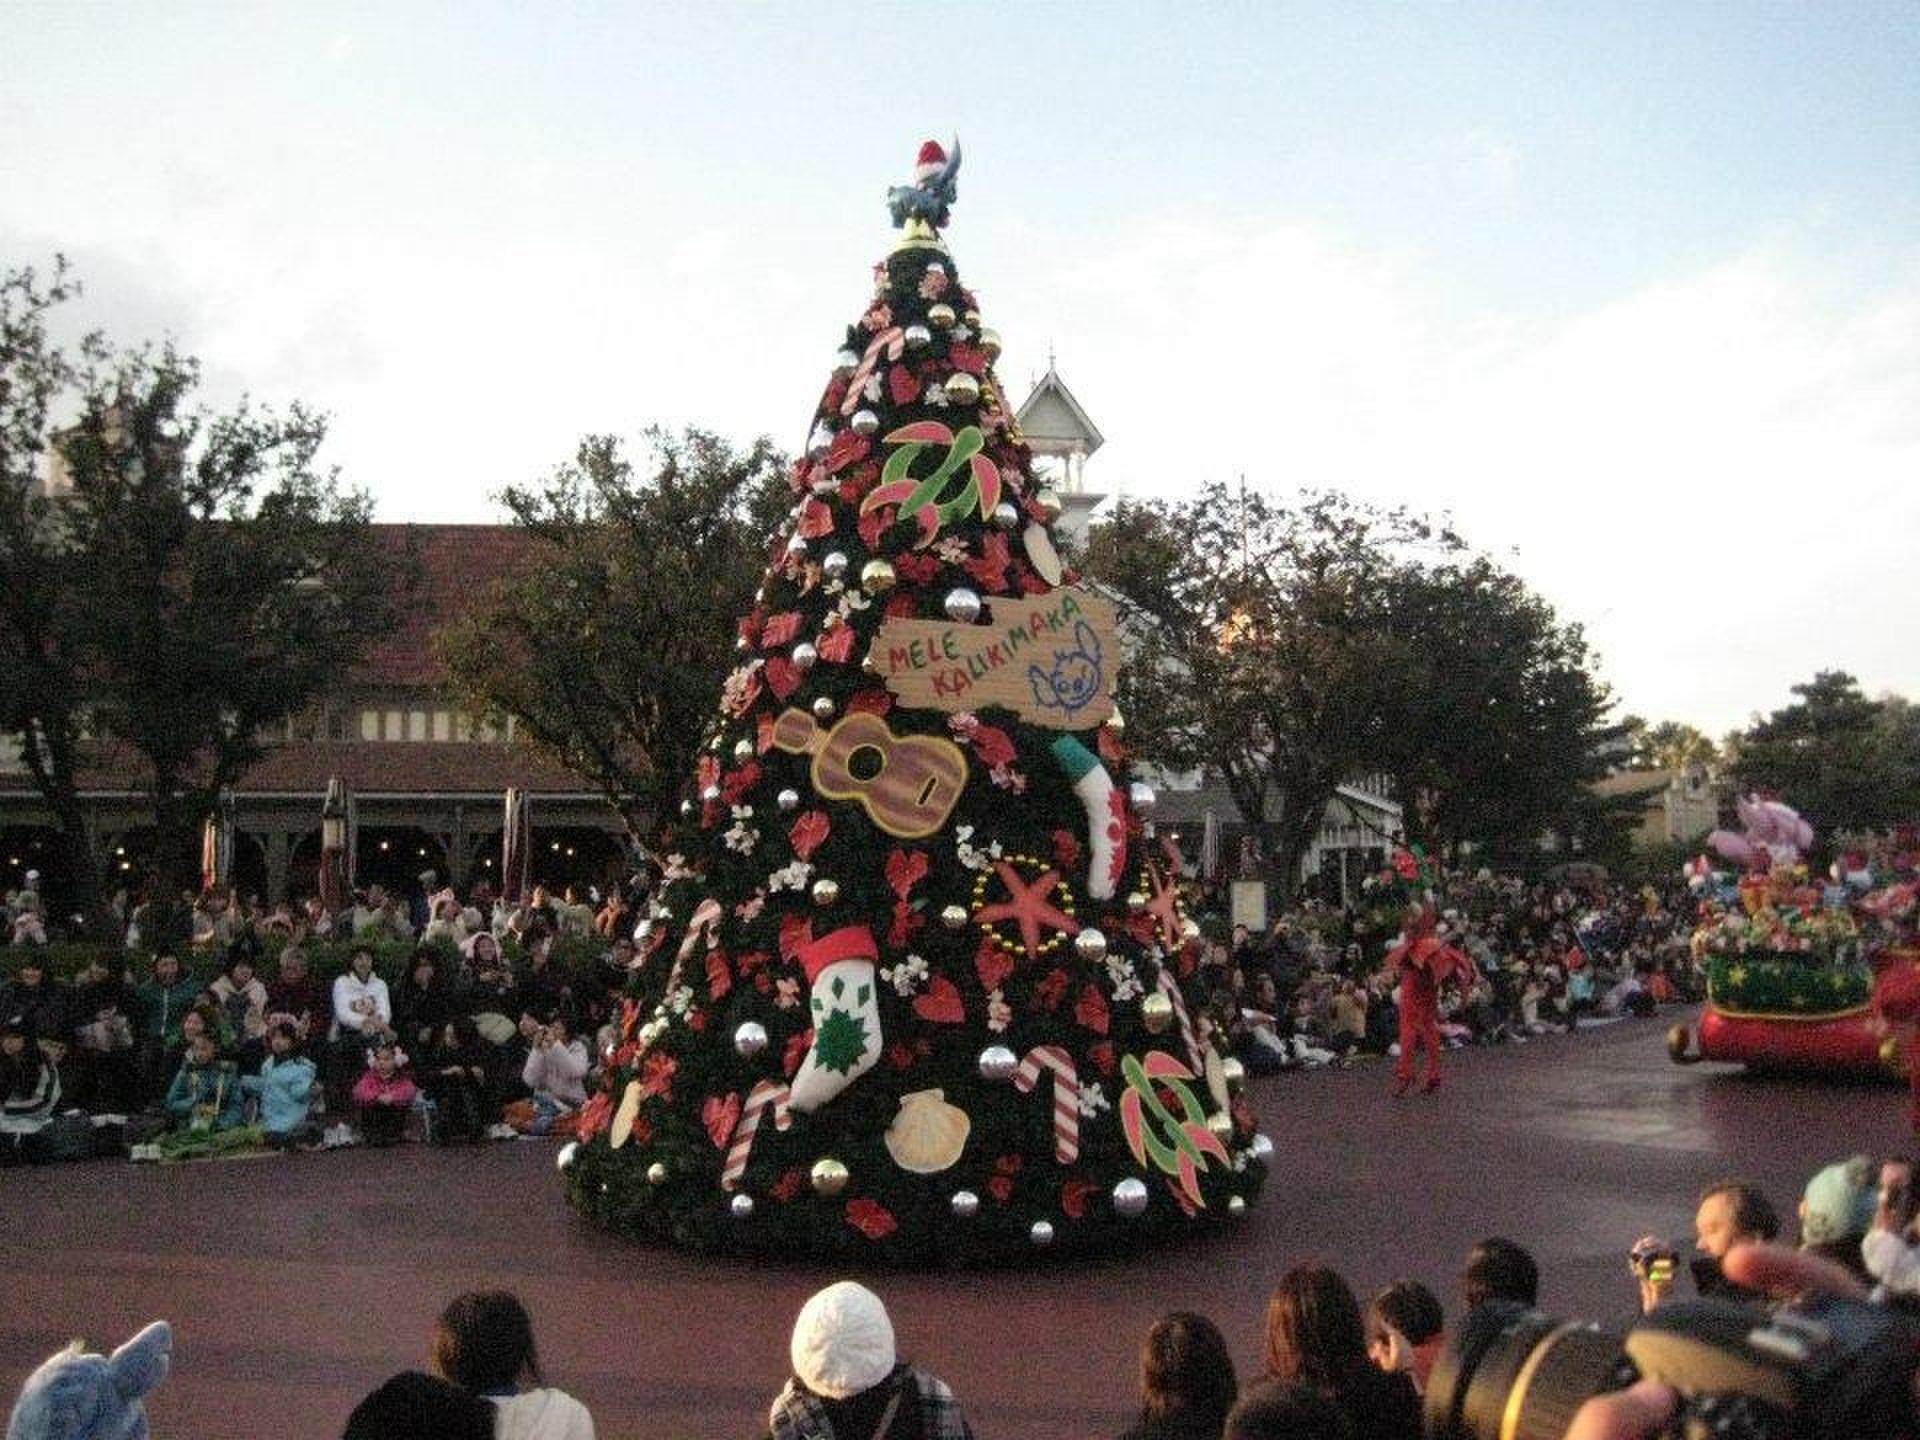 はじめてのクリスマスデート in ディズニーランド!迷ったらそぼろ丼とパレードとツリーでOK◎